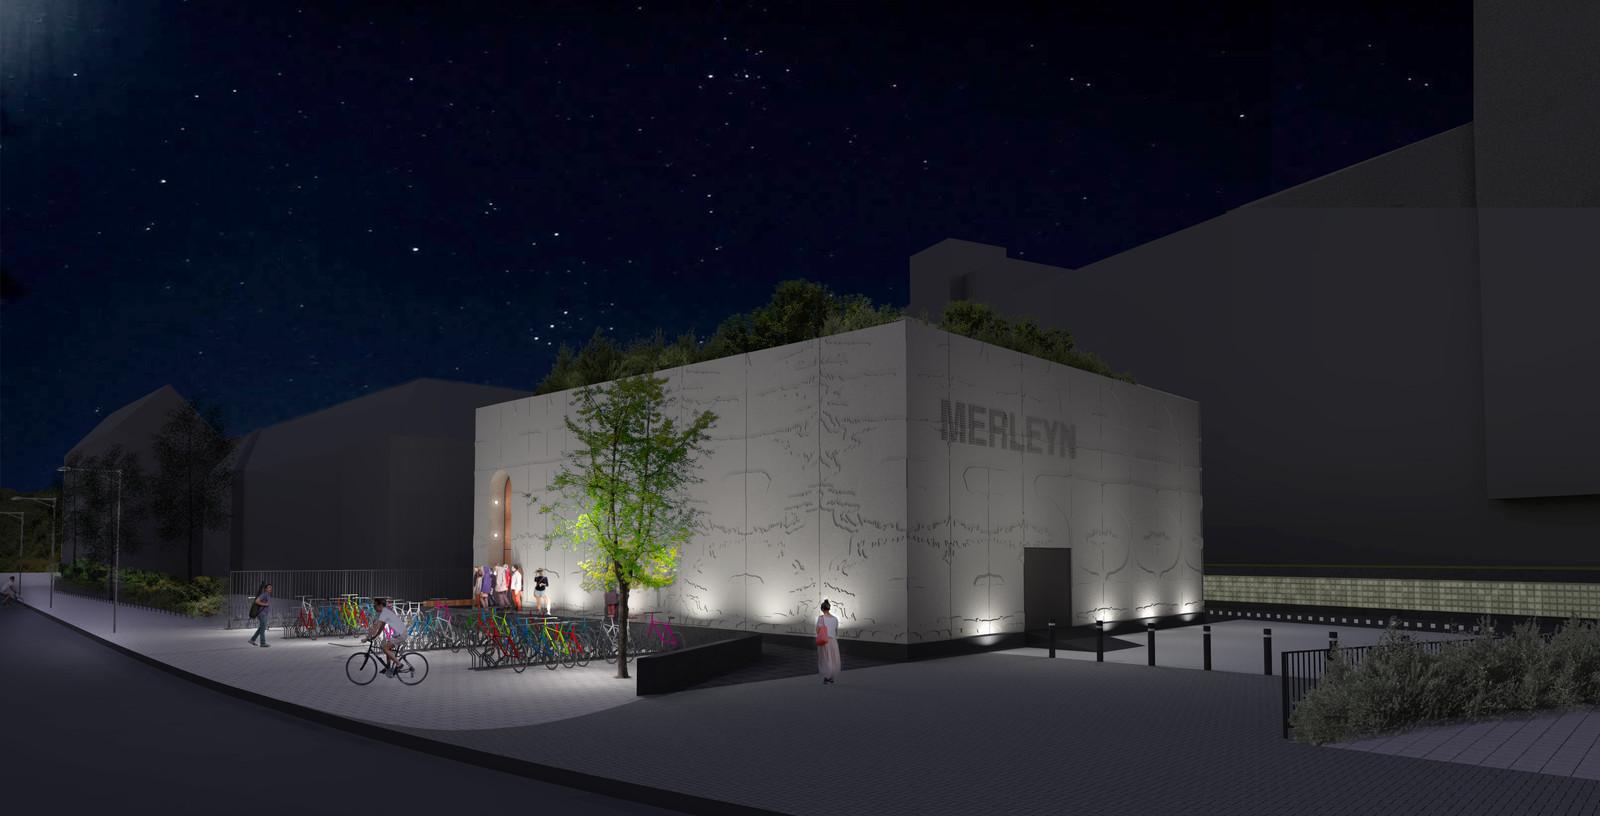 Het ontwerp van het nieuwe Merleyn, poppodium aan de Nieuwe Marktstraat.